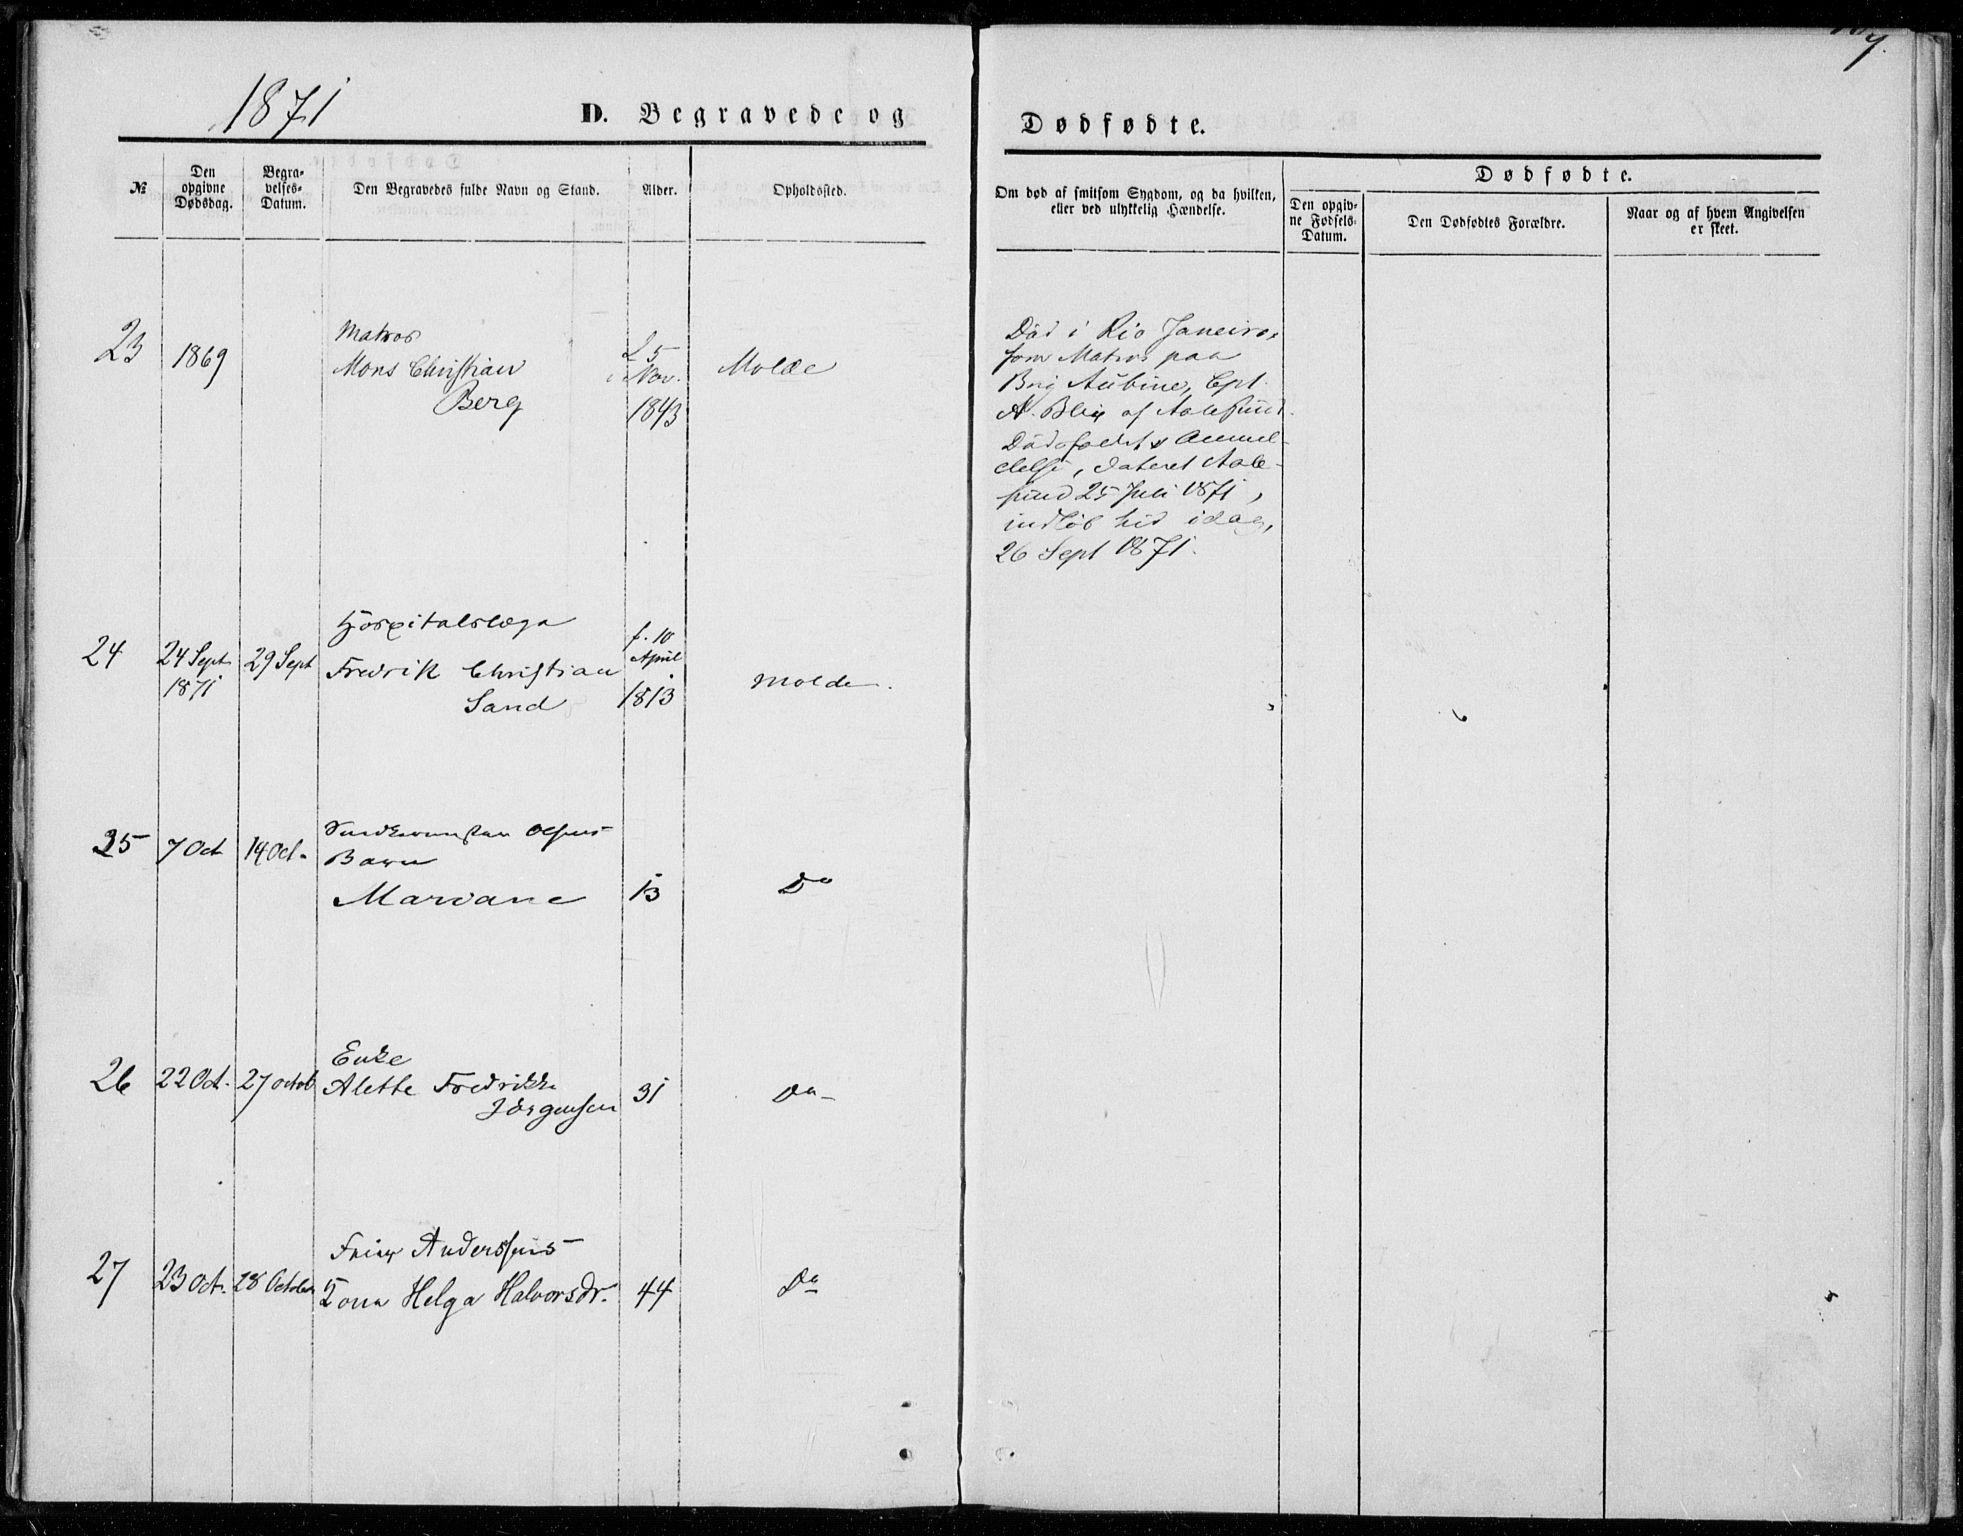 SAT, Ministerialprotokoller, klokkerbøker og fødselsregistre - Møre og Romsdal, 558/L0690: Ministerialbok nr. 558A04, 1864-1872, s. 9